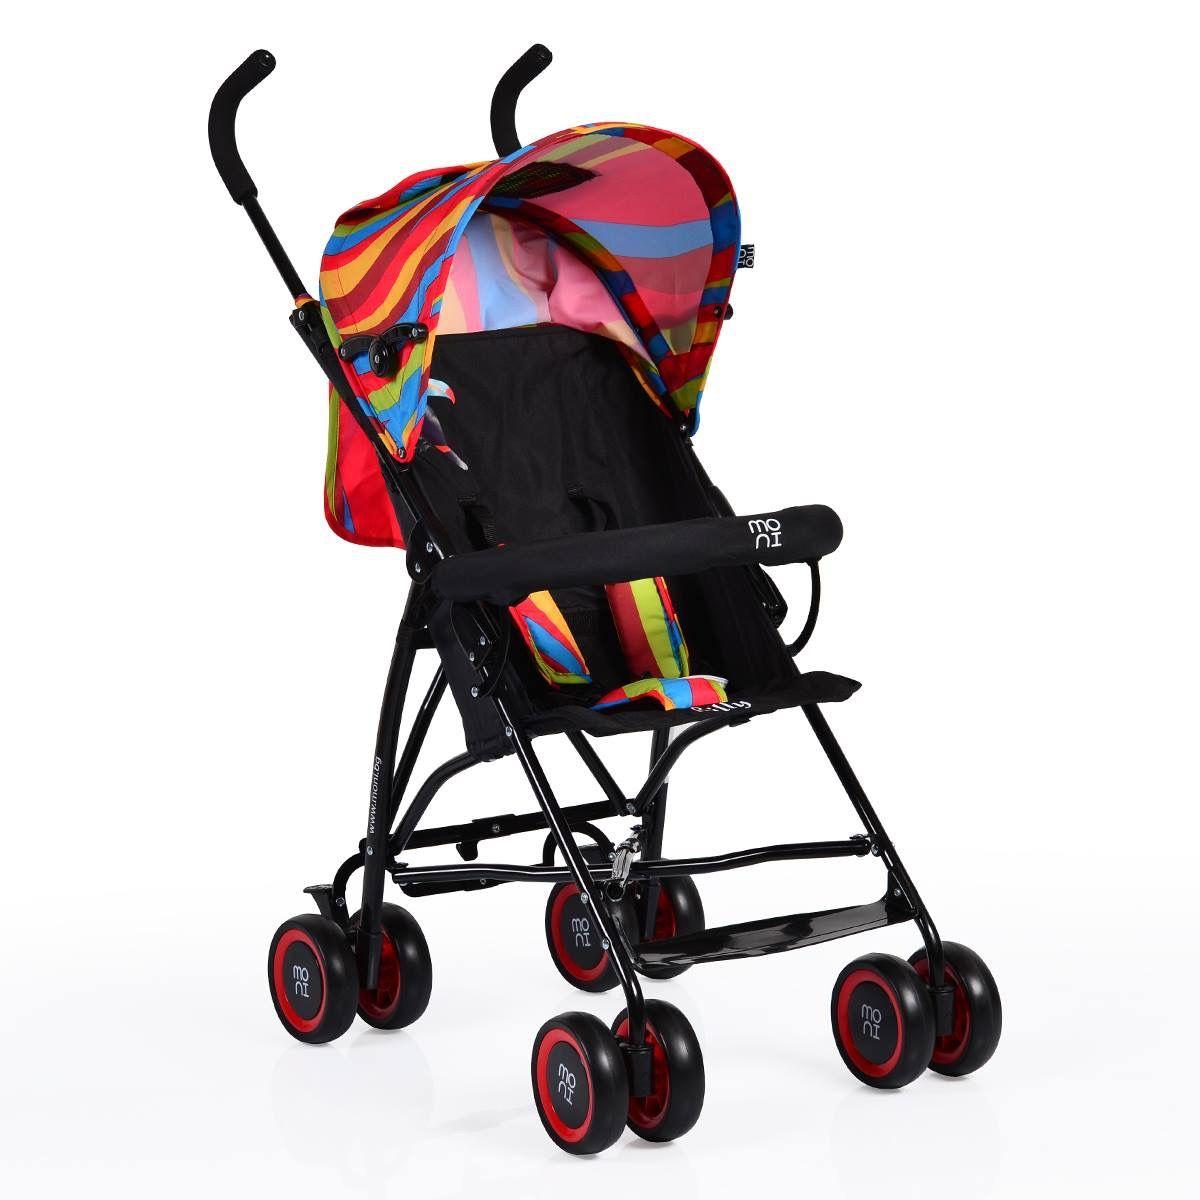 005604863fb Наменета за деца до 15 kg. - Летната количка е од лесна метална рамка